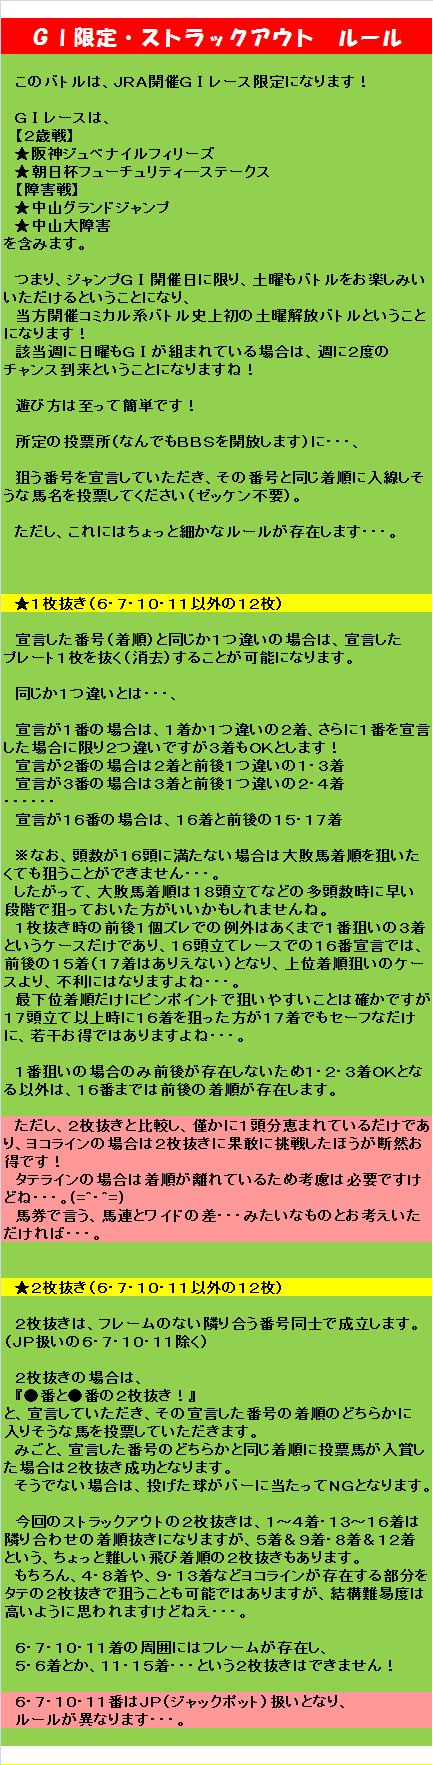 20100319・ストラックアウト・ルール③.jpg